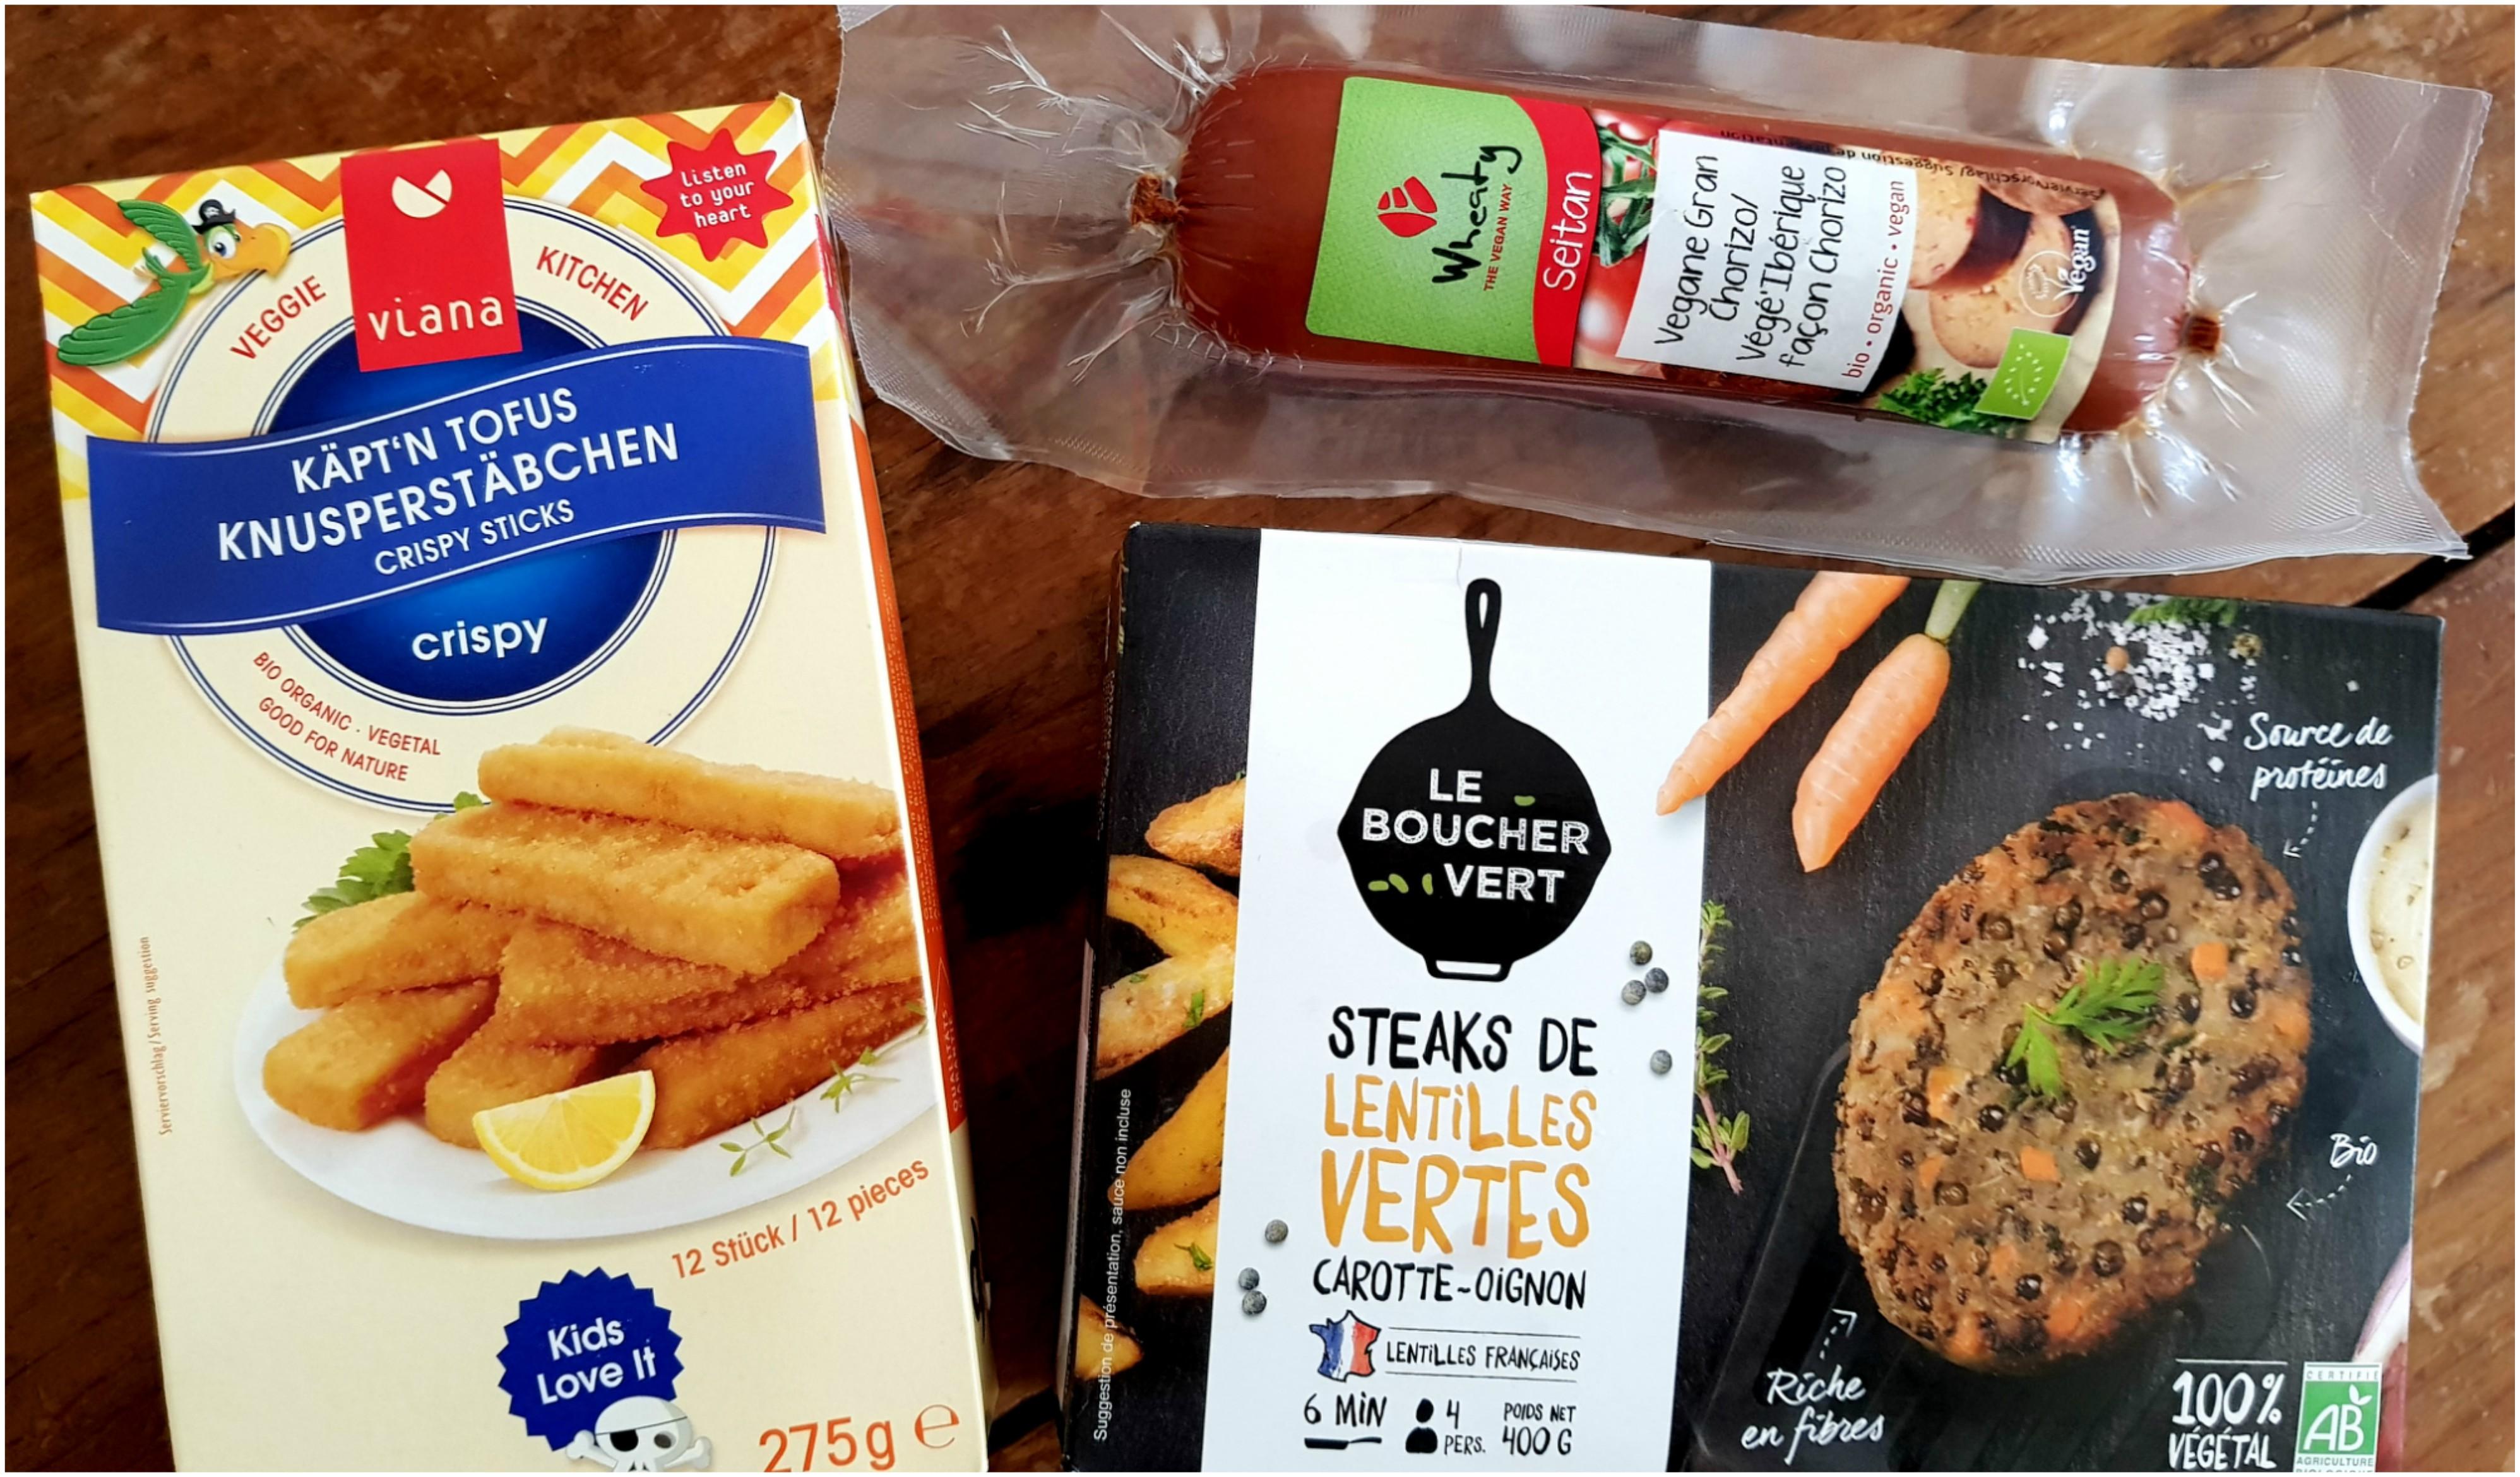 chorizo-vegan-steack-végétal-stick-pané-végétalien-bordeaux